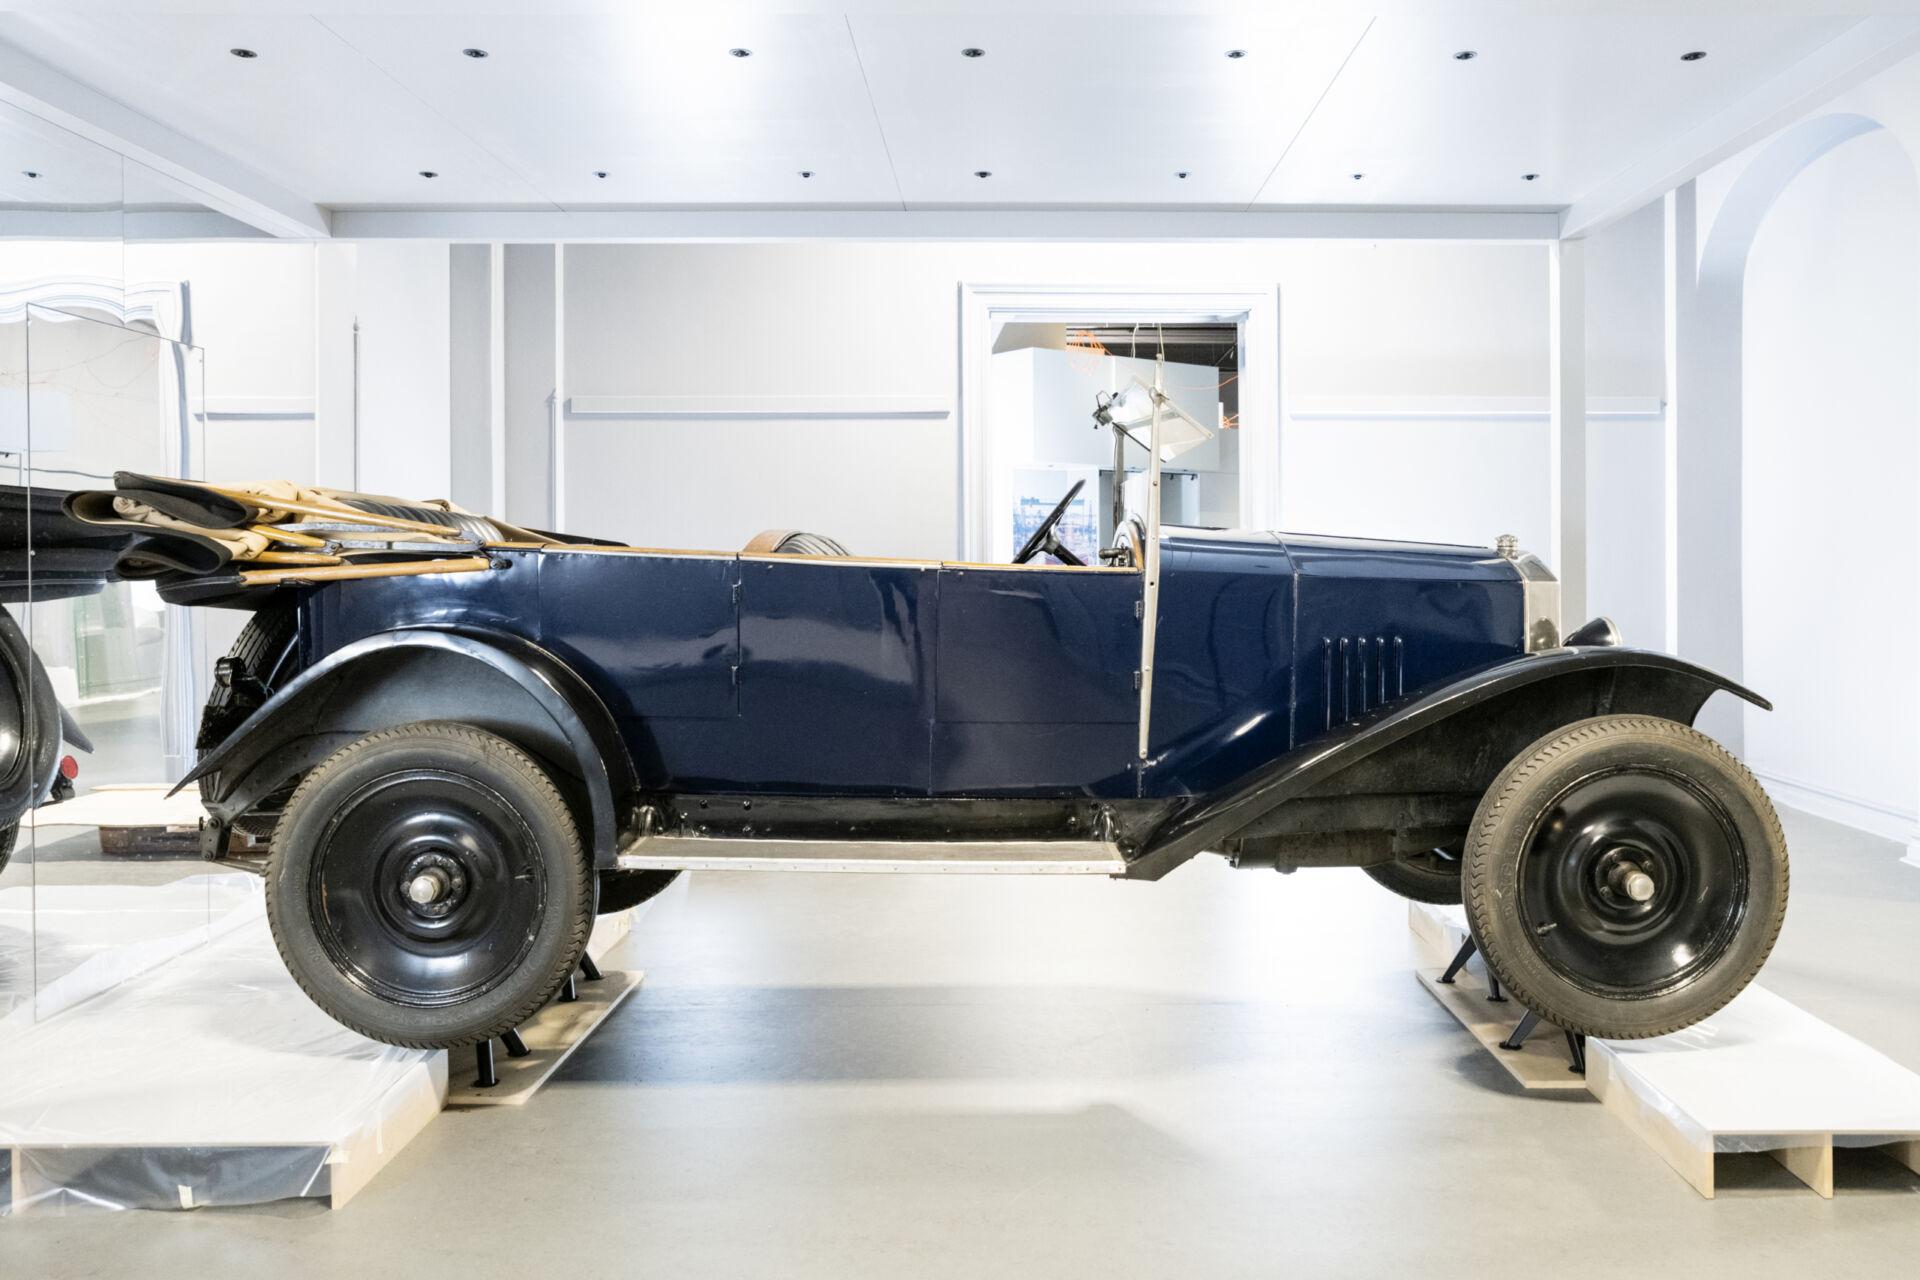 Volvo från 1926, blå kaross, nedfällt tak i utställningsrummet